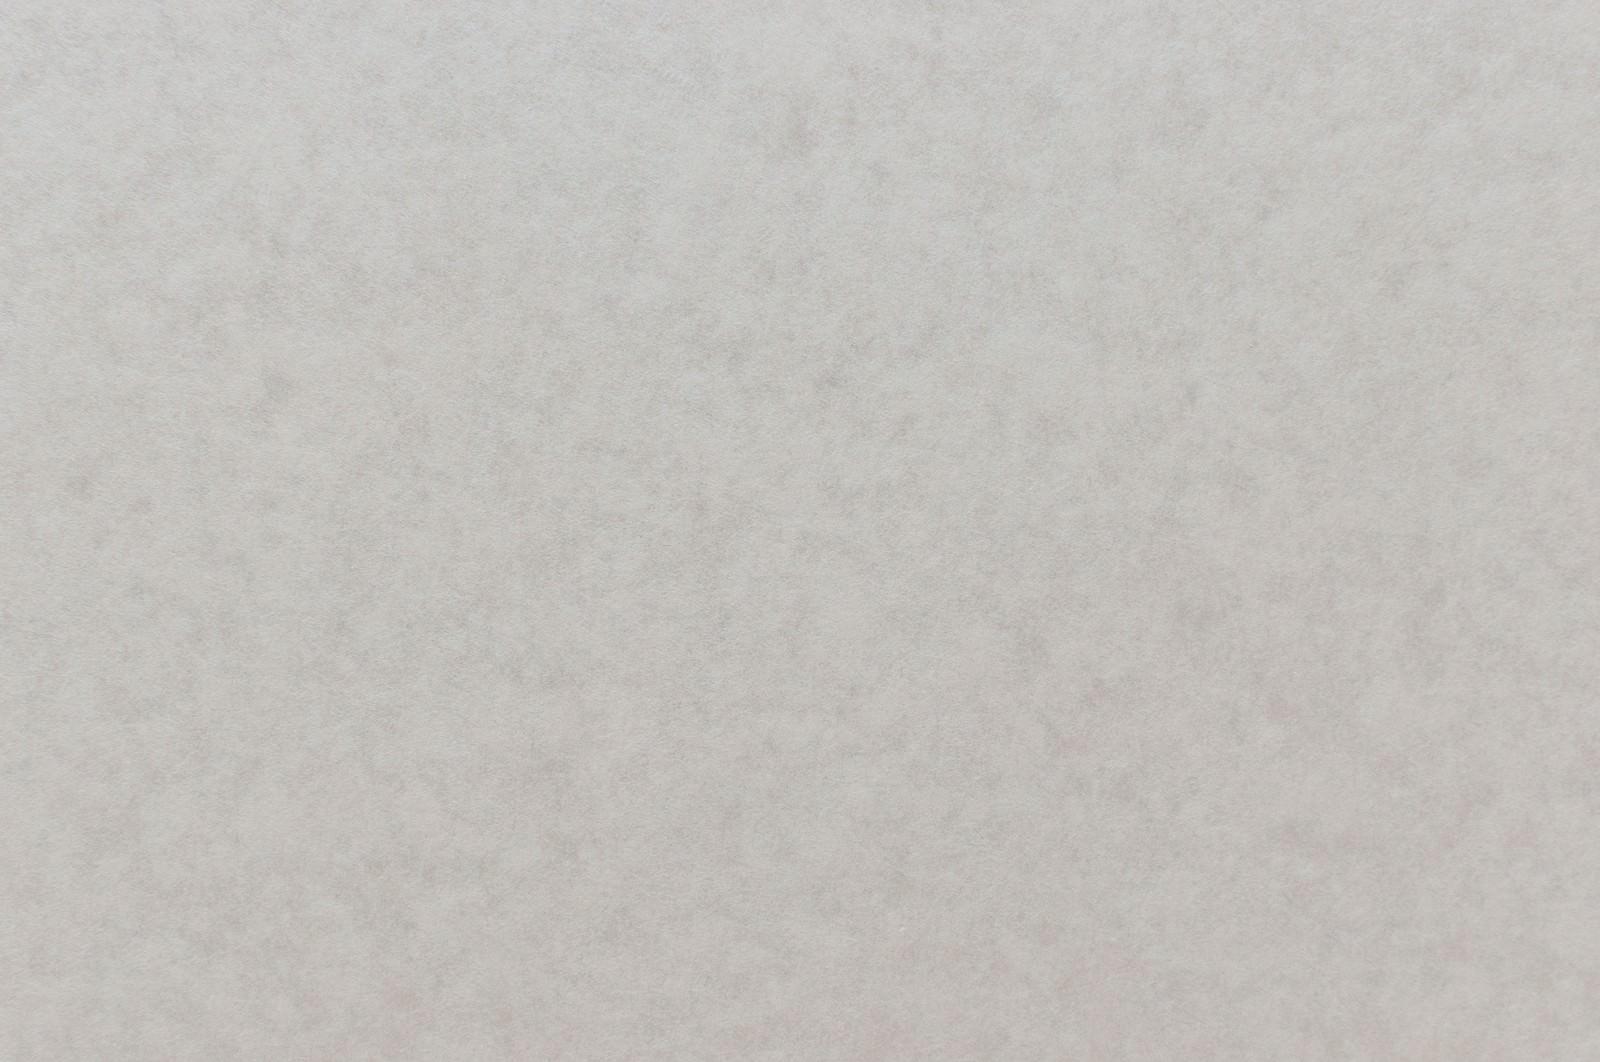 「白い和紙(テクスチャー)」の写真